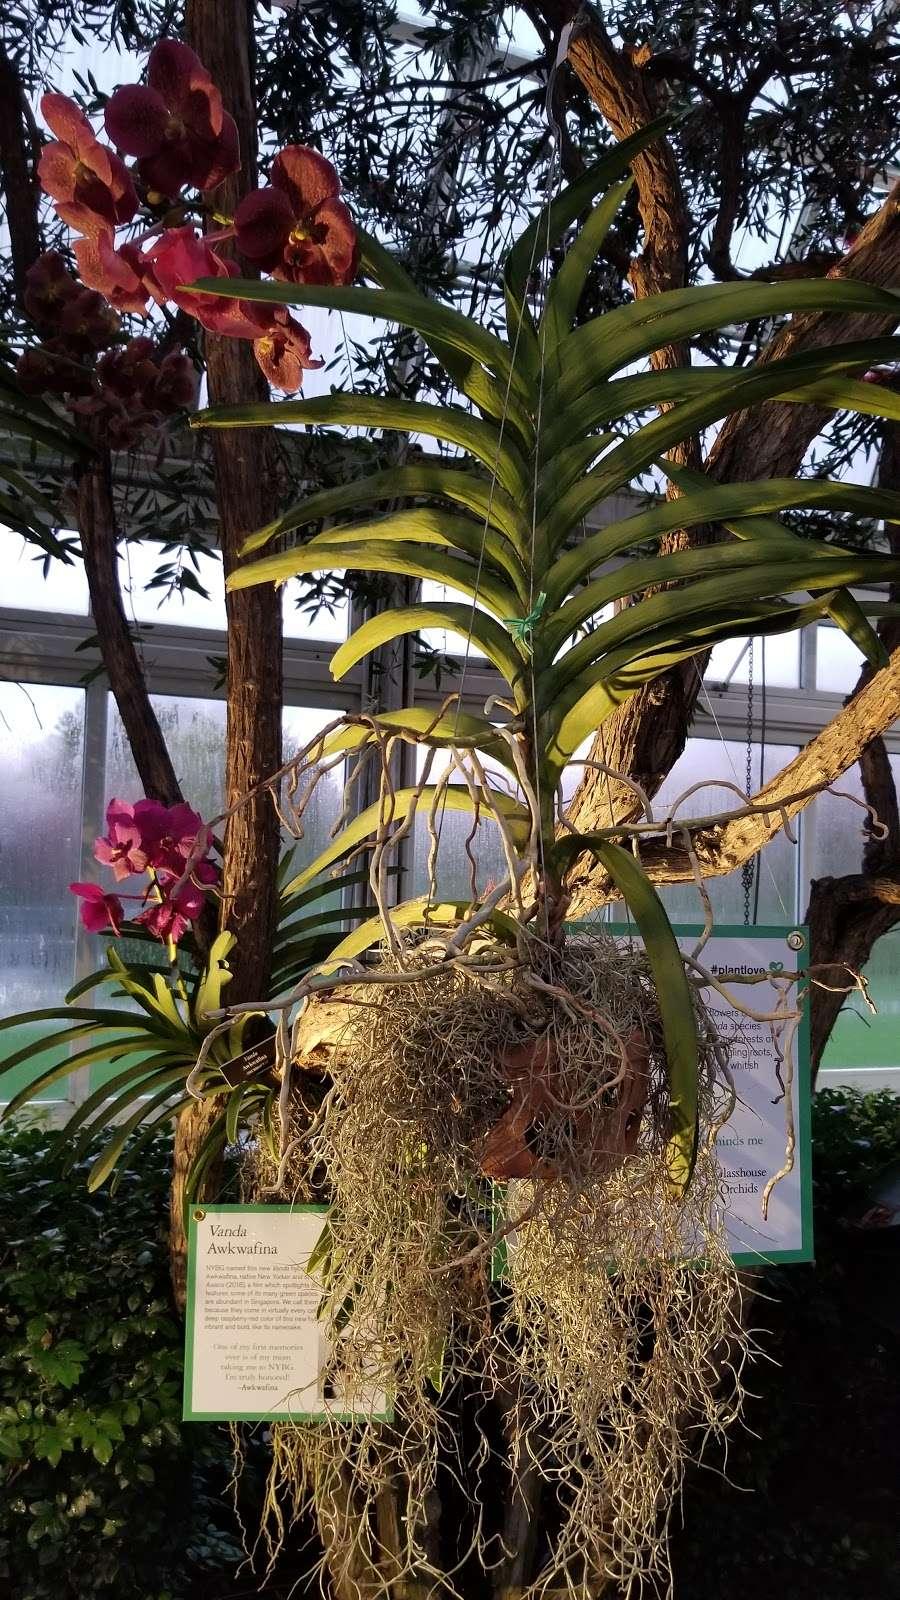 Bronx Botanical Garden - museum  | Photo 5 of 10 | Address: The Bronx, NY 10458, USA | Phone: (718) 817-8700